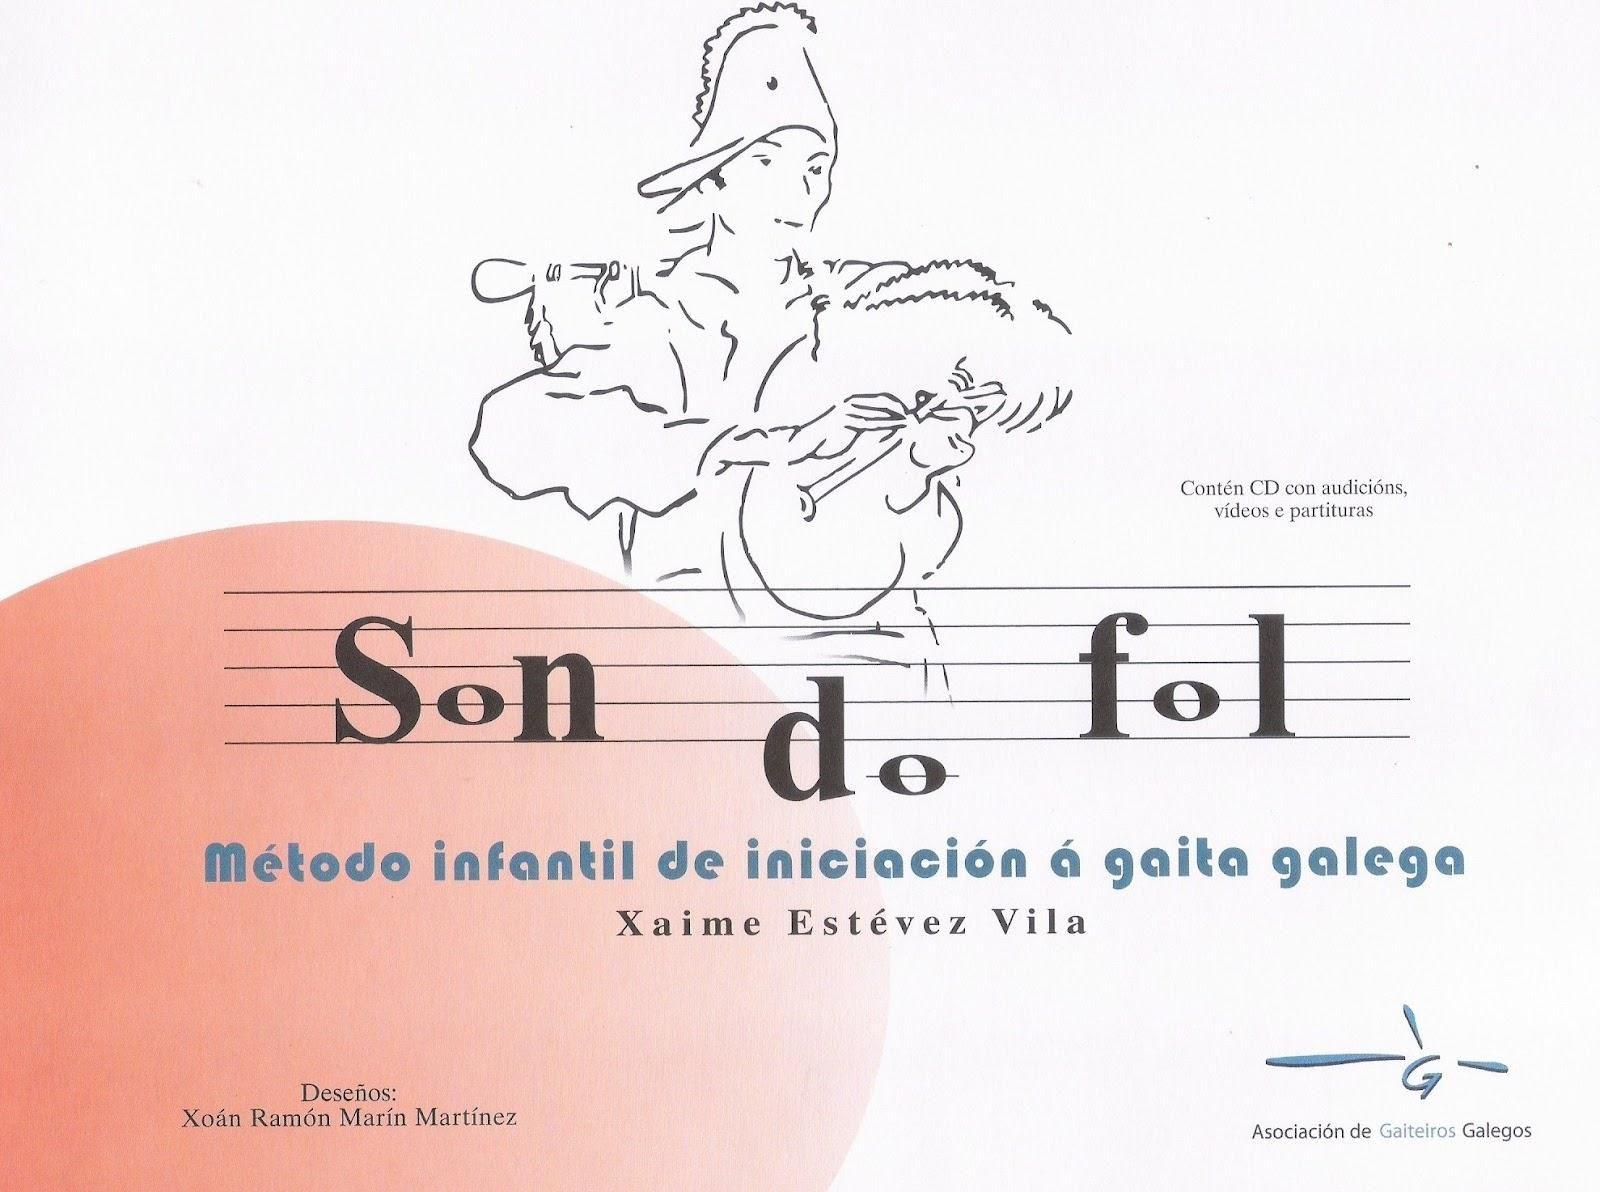 I-78 EST son. A Asociación de Gaiteiros Galegos presenta este traballo froito da intensa labor que esta asociación está a desenvolver a prol da cultura galega apostando sempre pola promoción da música tradicional entre os mais cativos, facendo así partícipes da nosa cultura, ás novas xeracións.